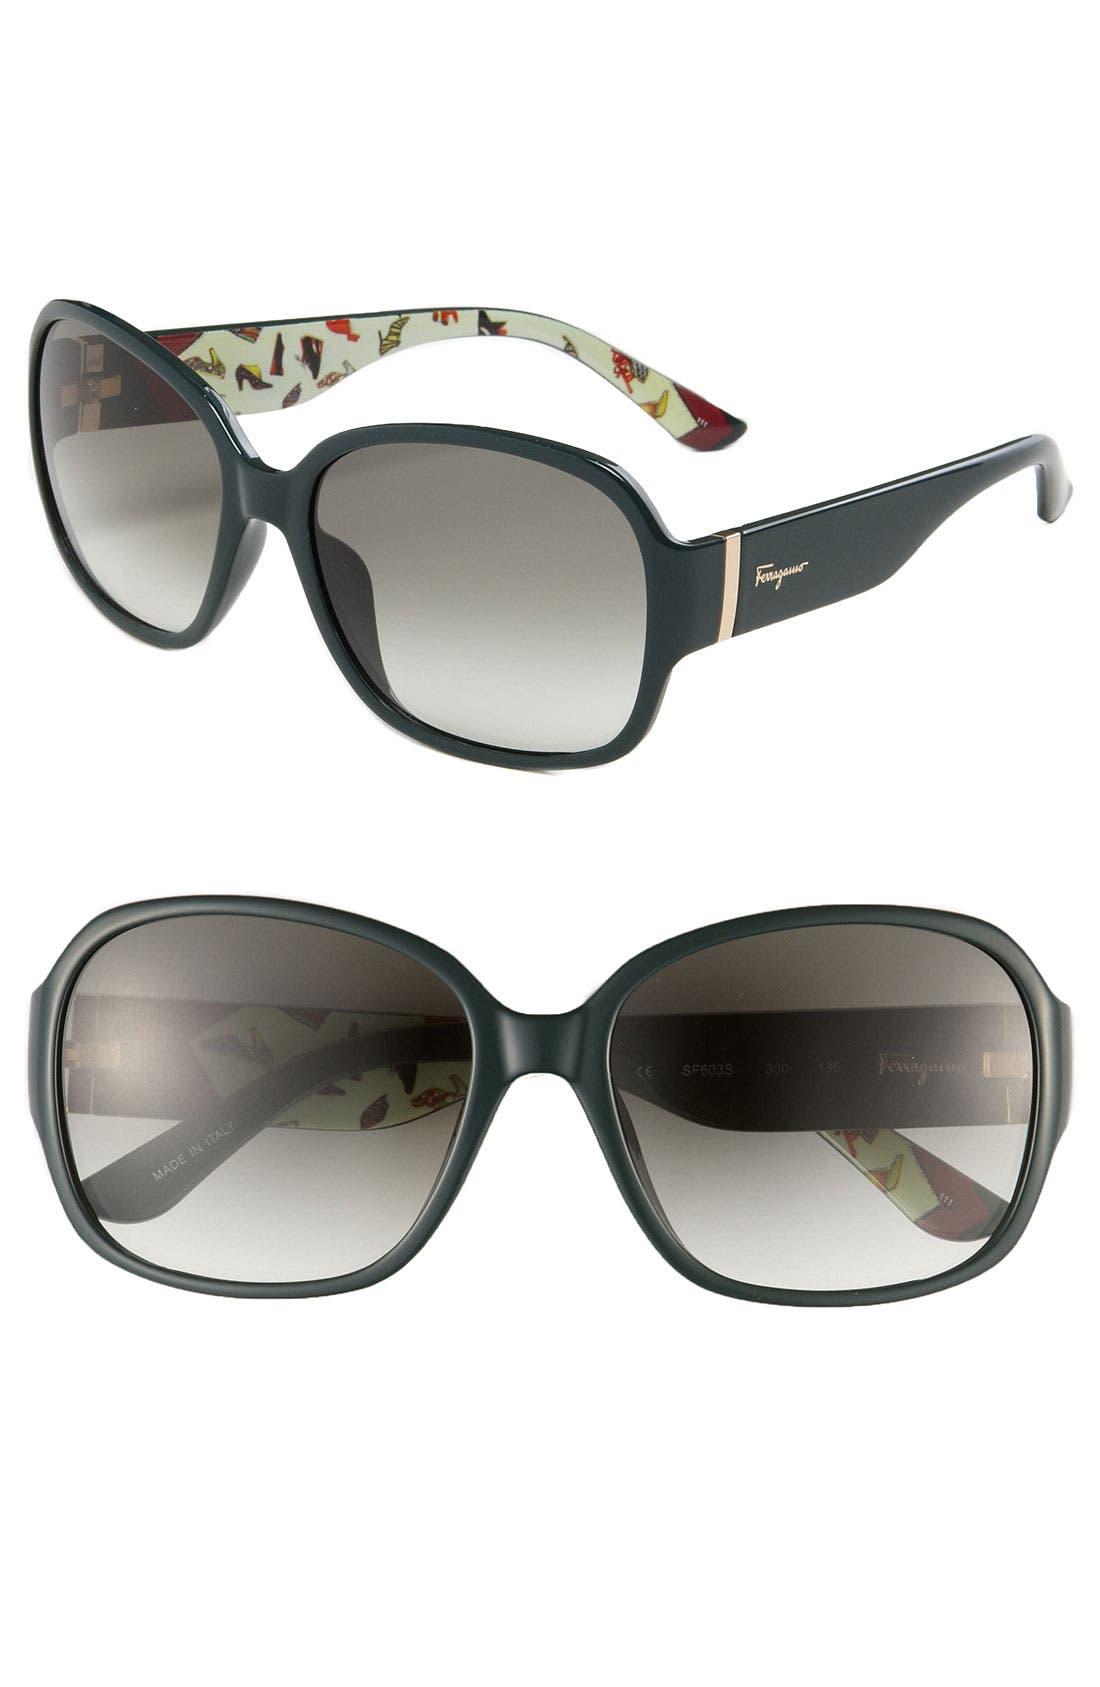 Alternate Image 1 Selected - Salvatore Ferragamo Sunglasses